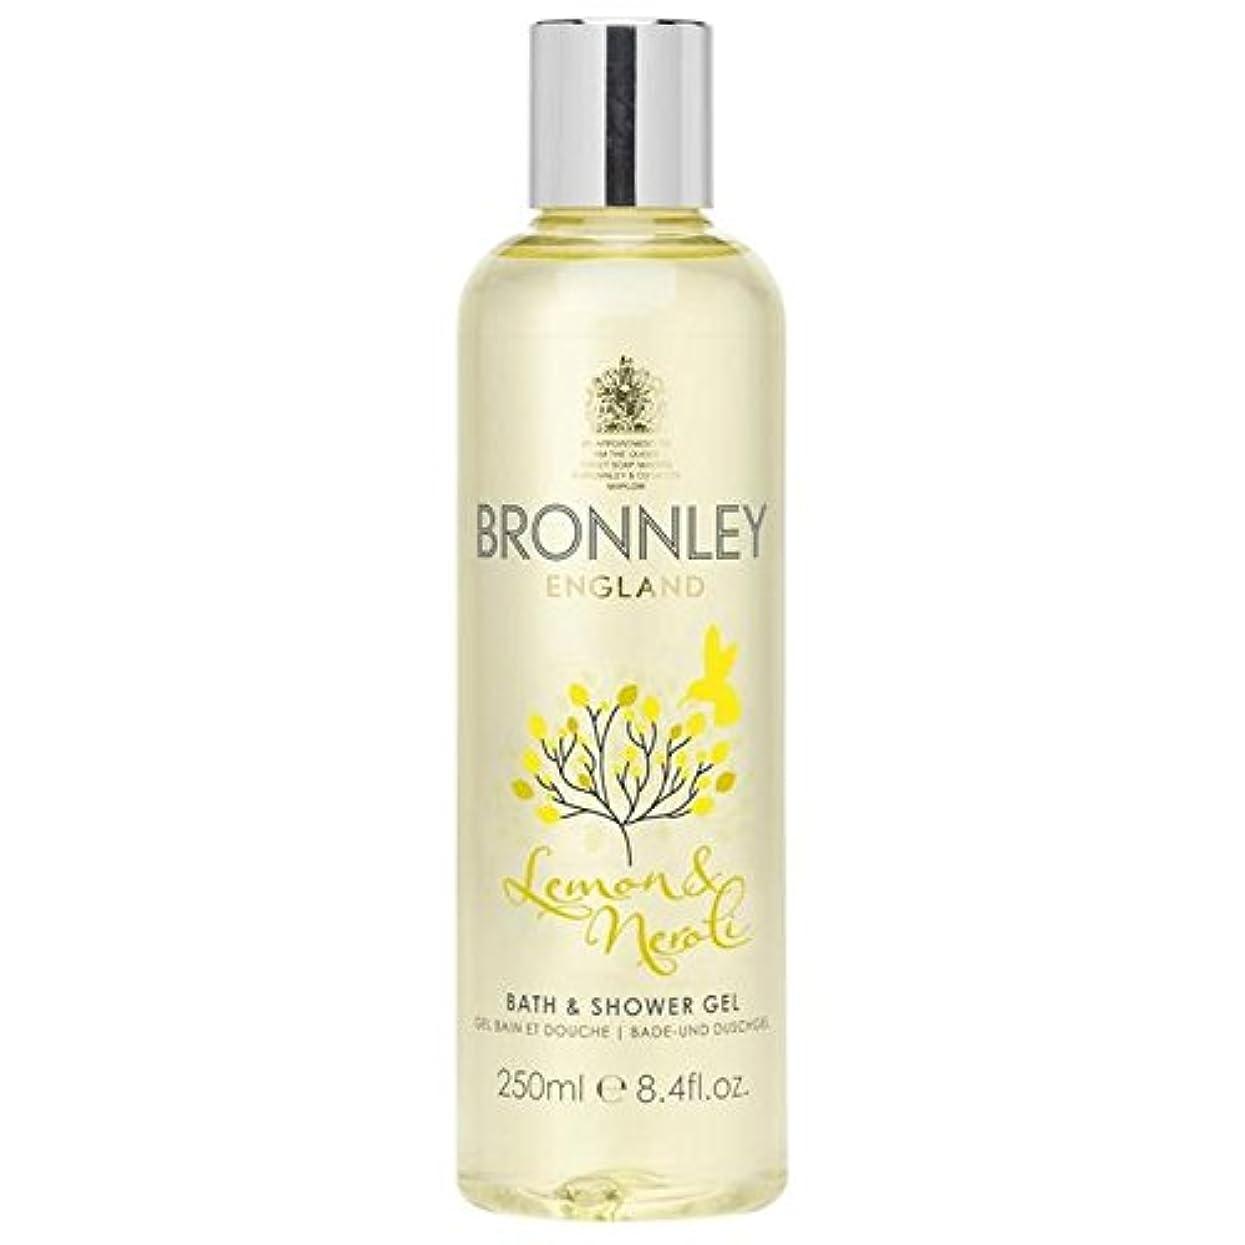 アルコール抵当同時レモン&ネロリバス&シャワージェル250ミリリットル x4 - Bronnley Lemon & Neroli Bath & Shower Gel 250ml (Pack of 4) [並行輸入品]